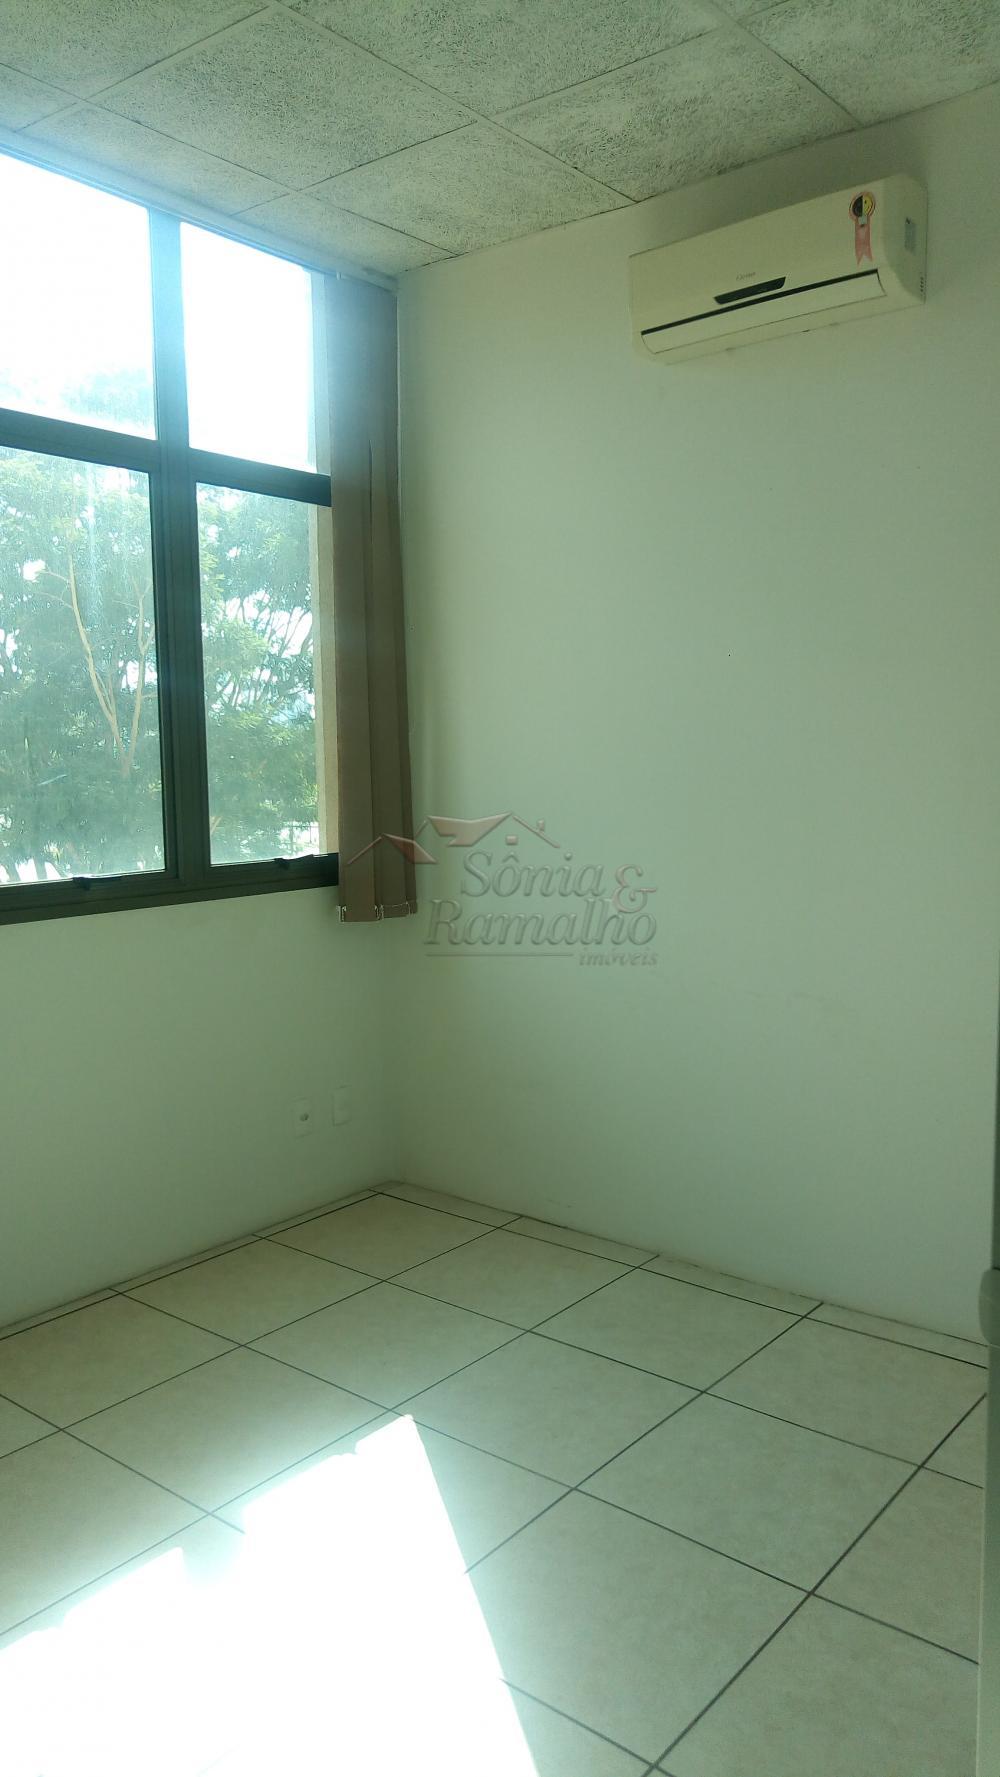 Alugar Comercial / Sala em Ribeirão Preto apenas R$ 45.000,00 - Foto 2